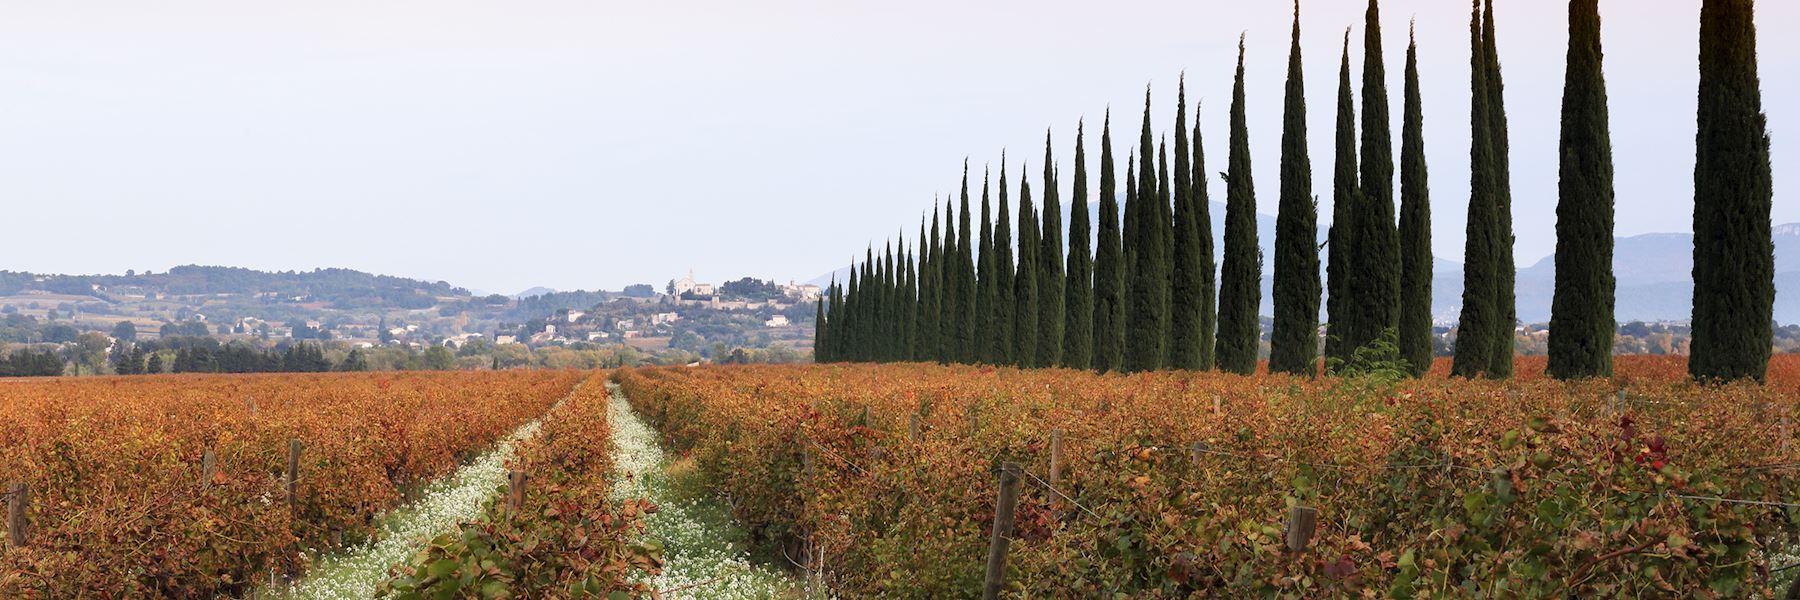 Visit Châteauneuf-du-Pape wine region, France